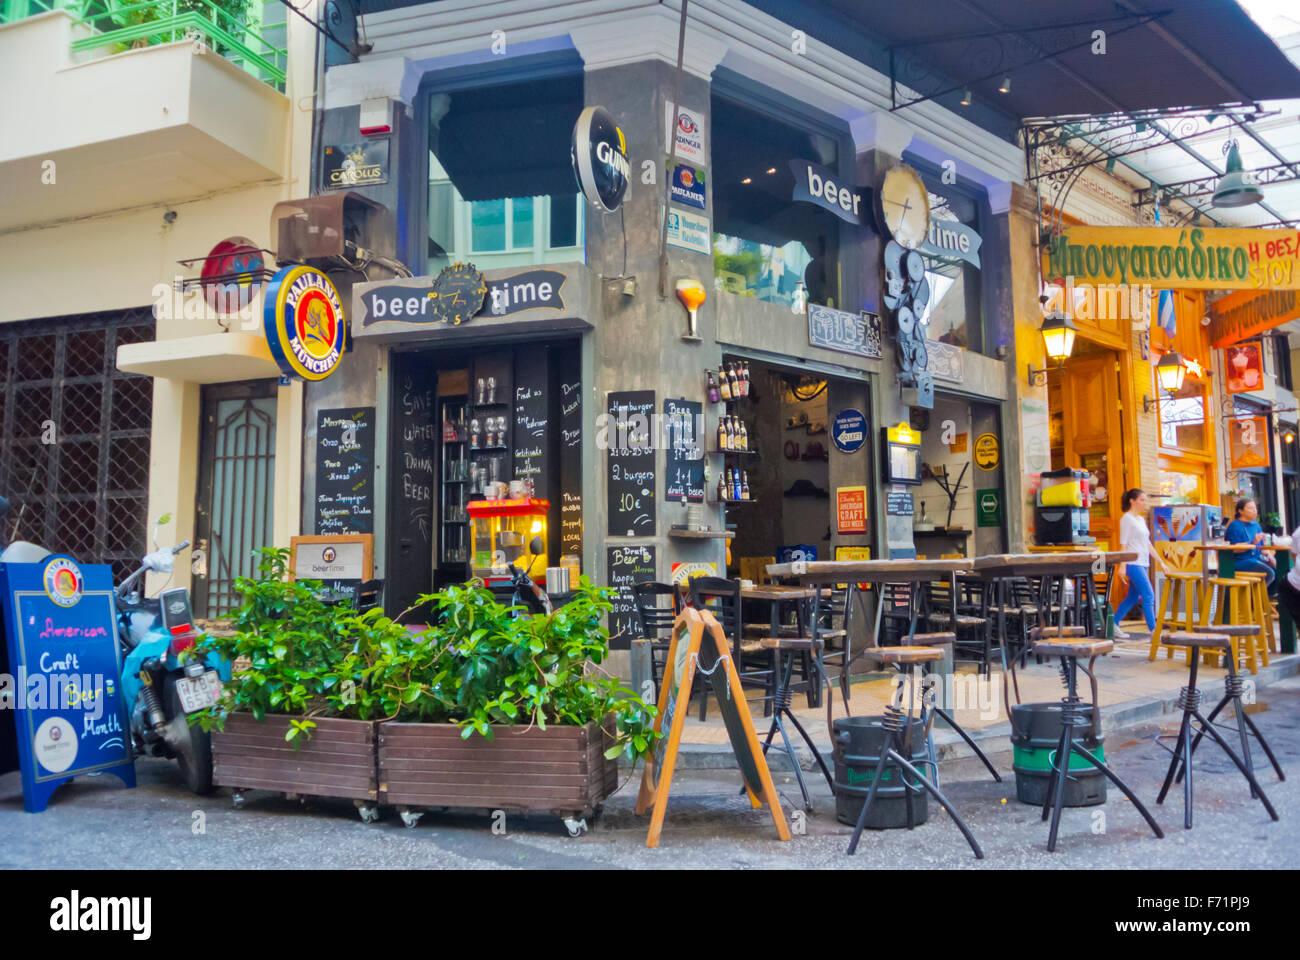 Plateia Iroon, Heldenplatz, Nachtleben vor Ort, Psyri Viertel, Athen, Griechenland Stockbild